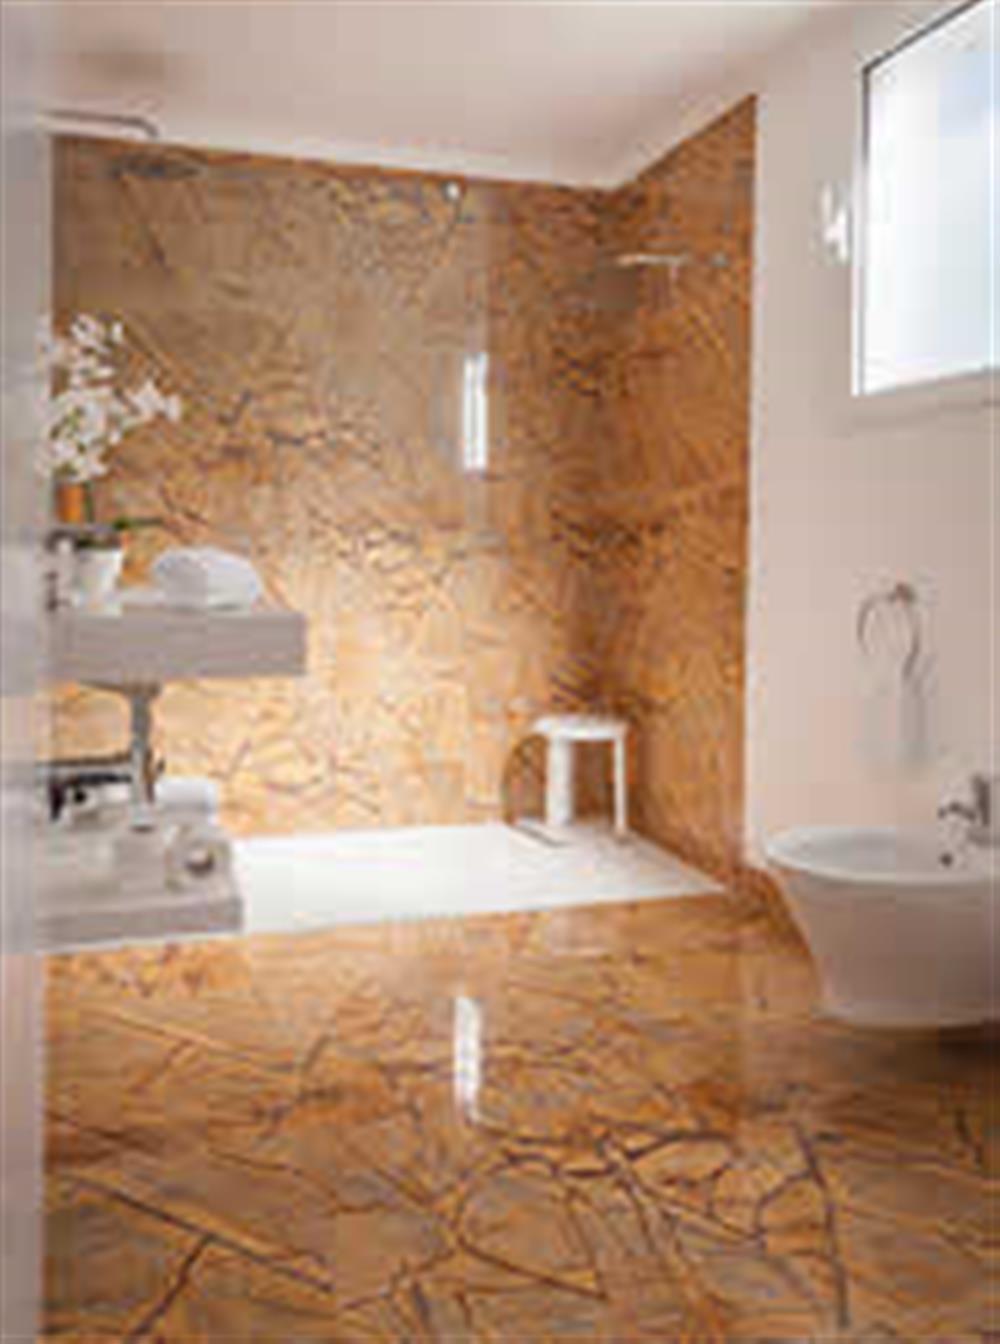 Bathroom at Villa Clementina, Funchal, Madeira